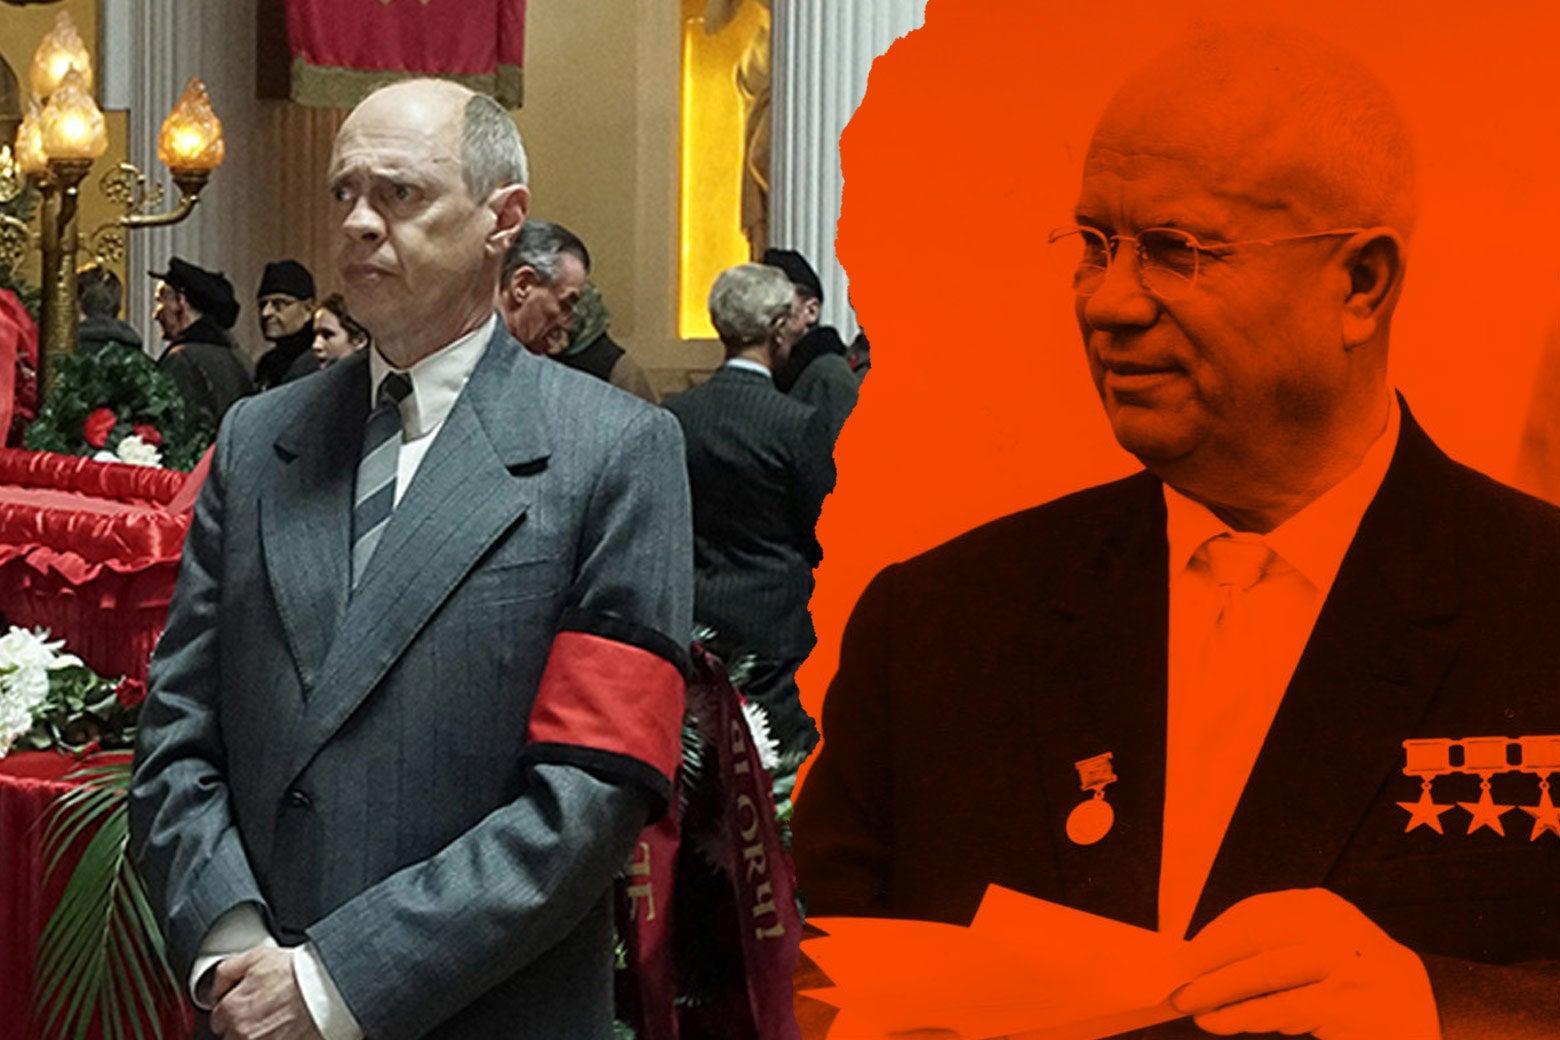 At left: Steve Buscemi as Nikita Khrushchev in the film. At right: the real Nikita Khrushchev.